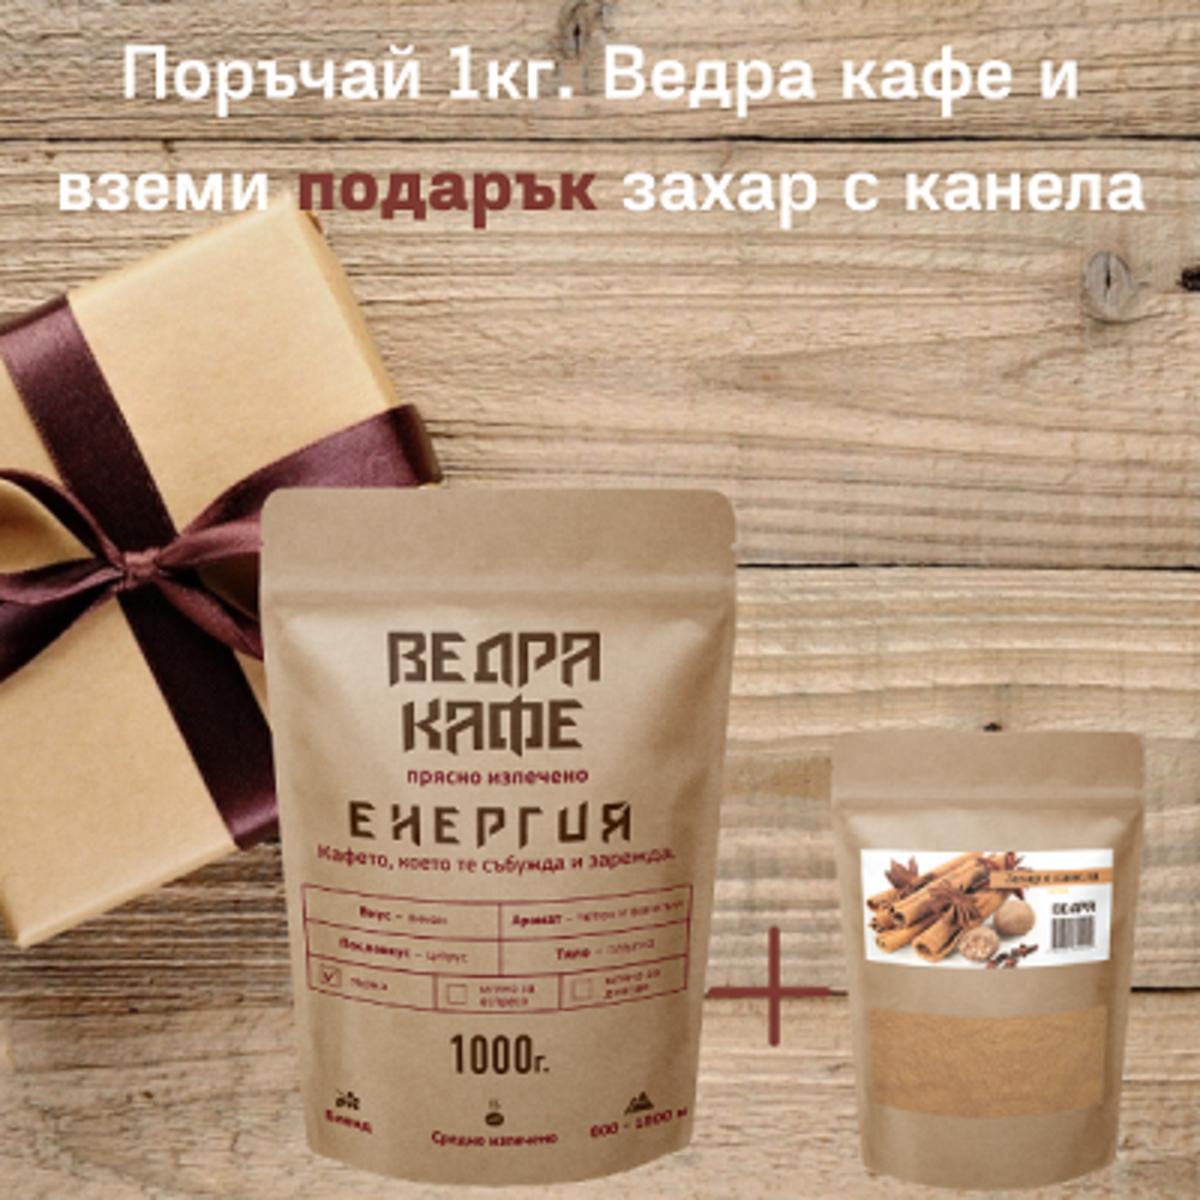 Ведра Кафе Енергия кафе на зърна 1кг + подарък захар